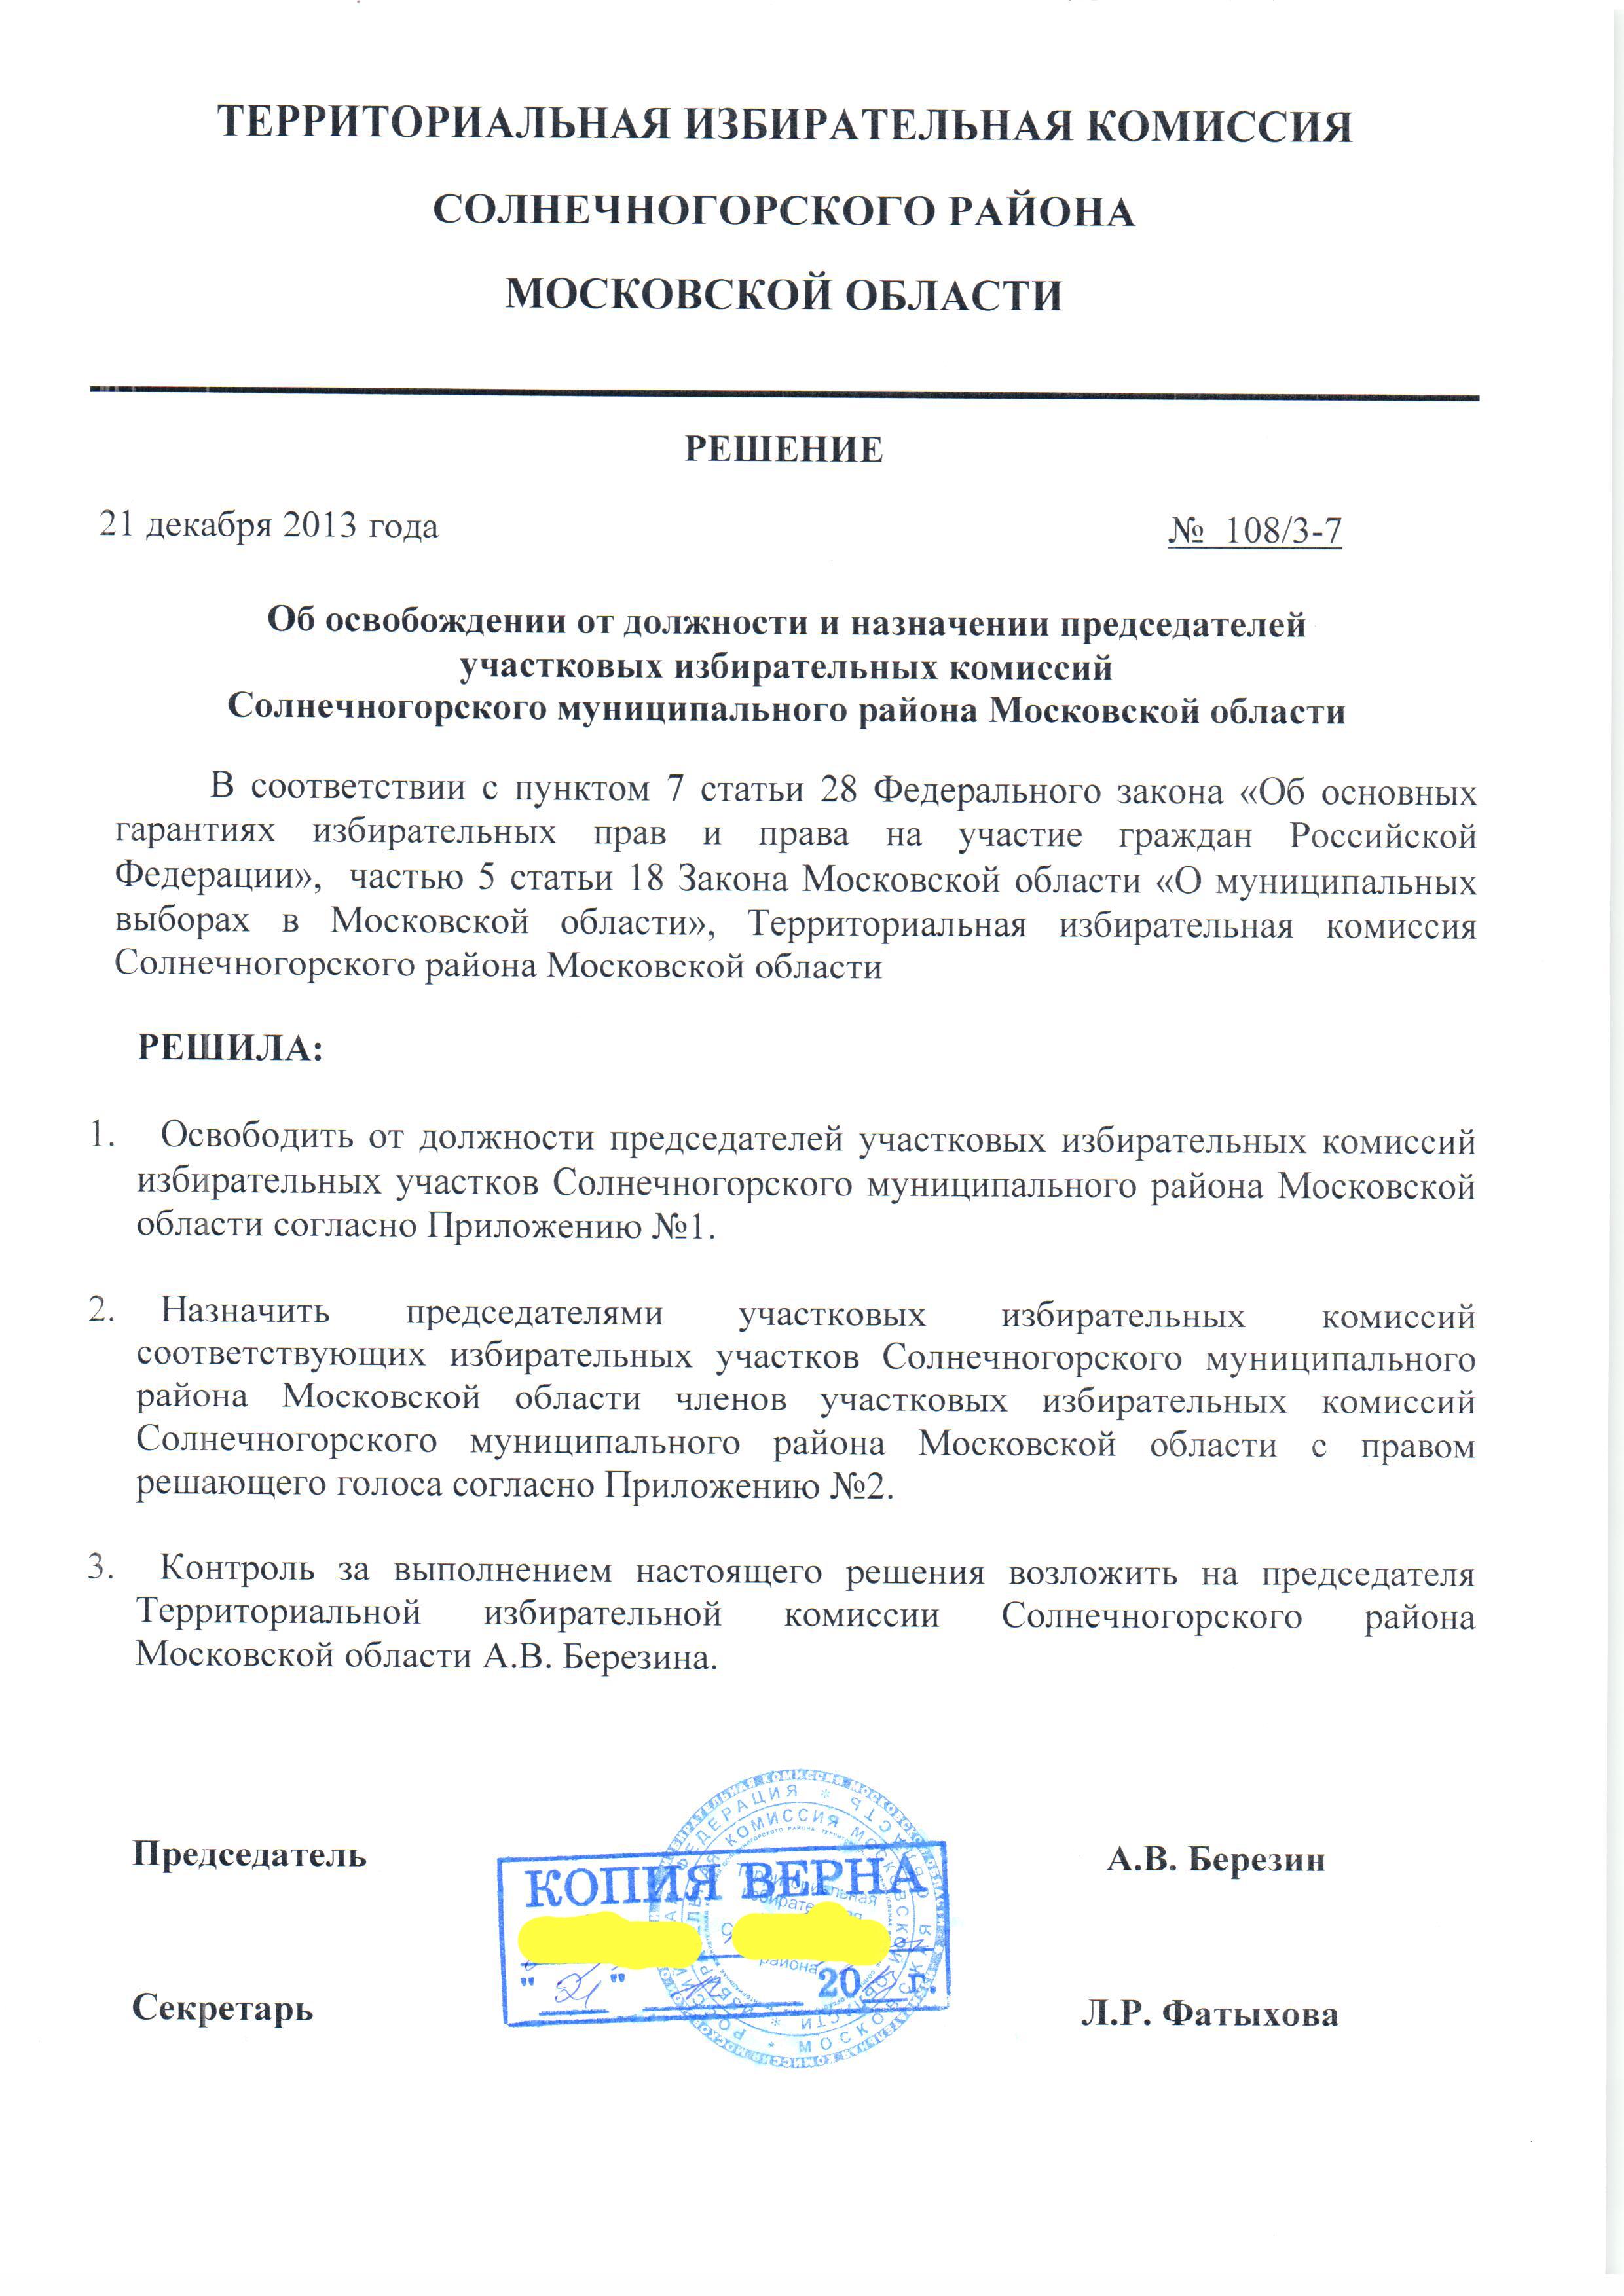 Решение ТИКа о смене председателей